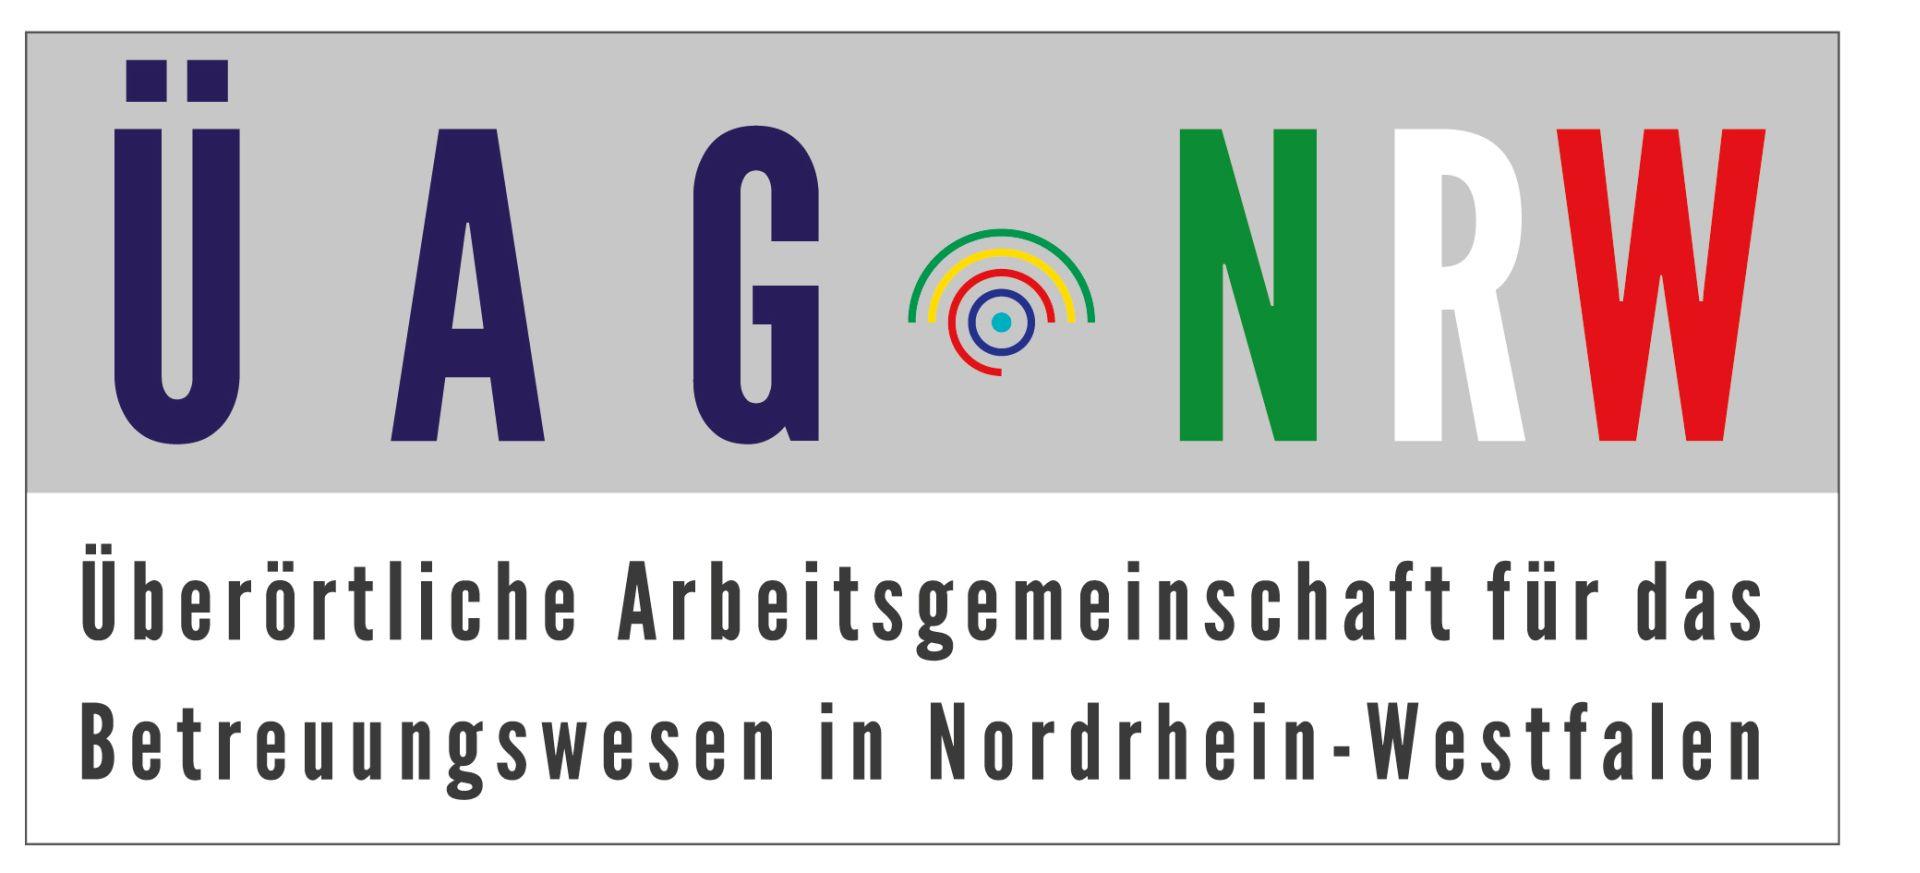 nrw stunning politische with nrw top nrw with nrw logo